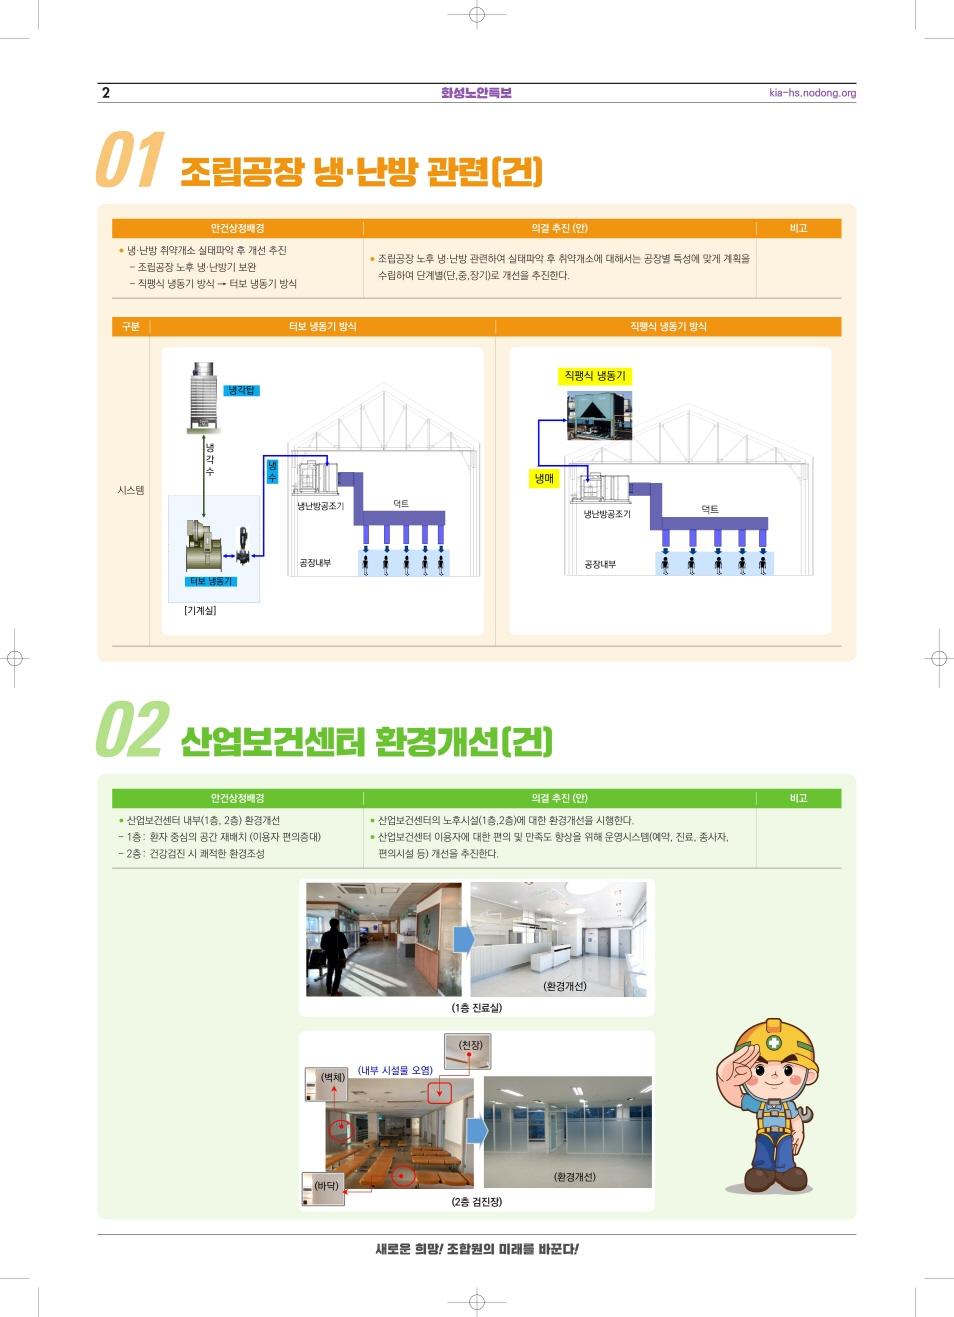 화성노안특보(최종)-0410-2[크기변환].jpg